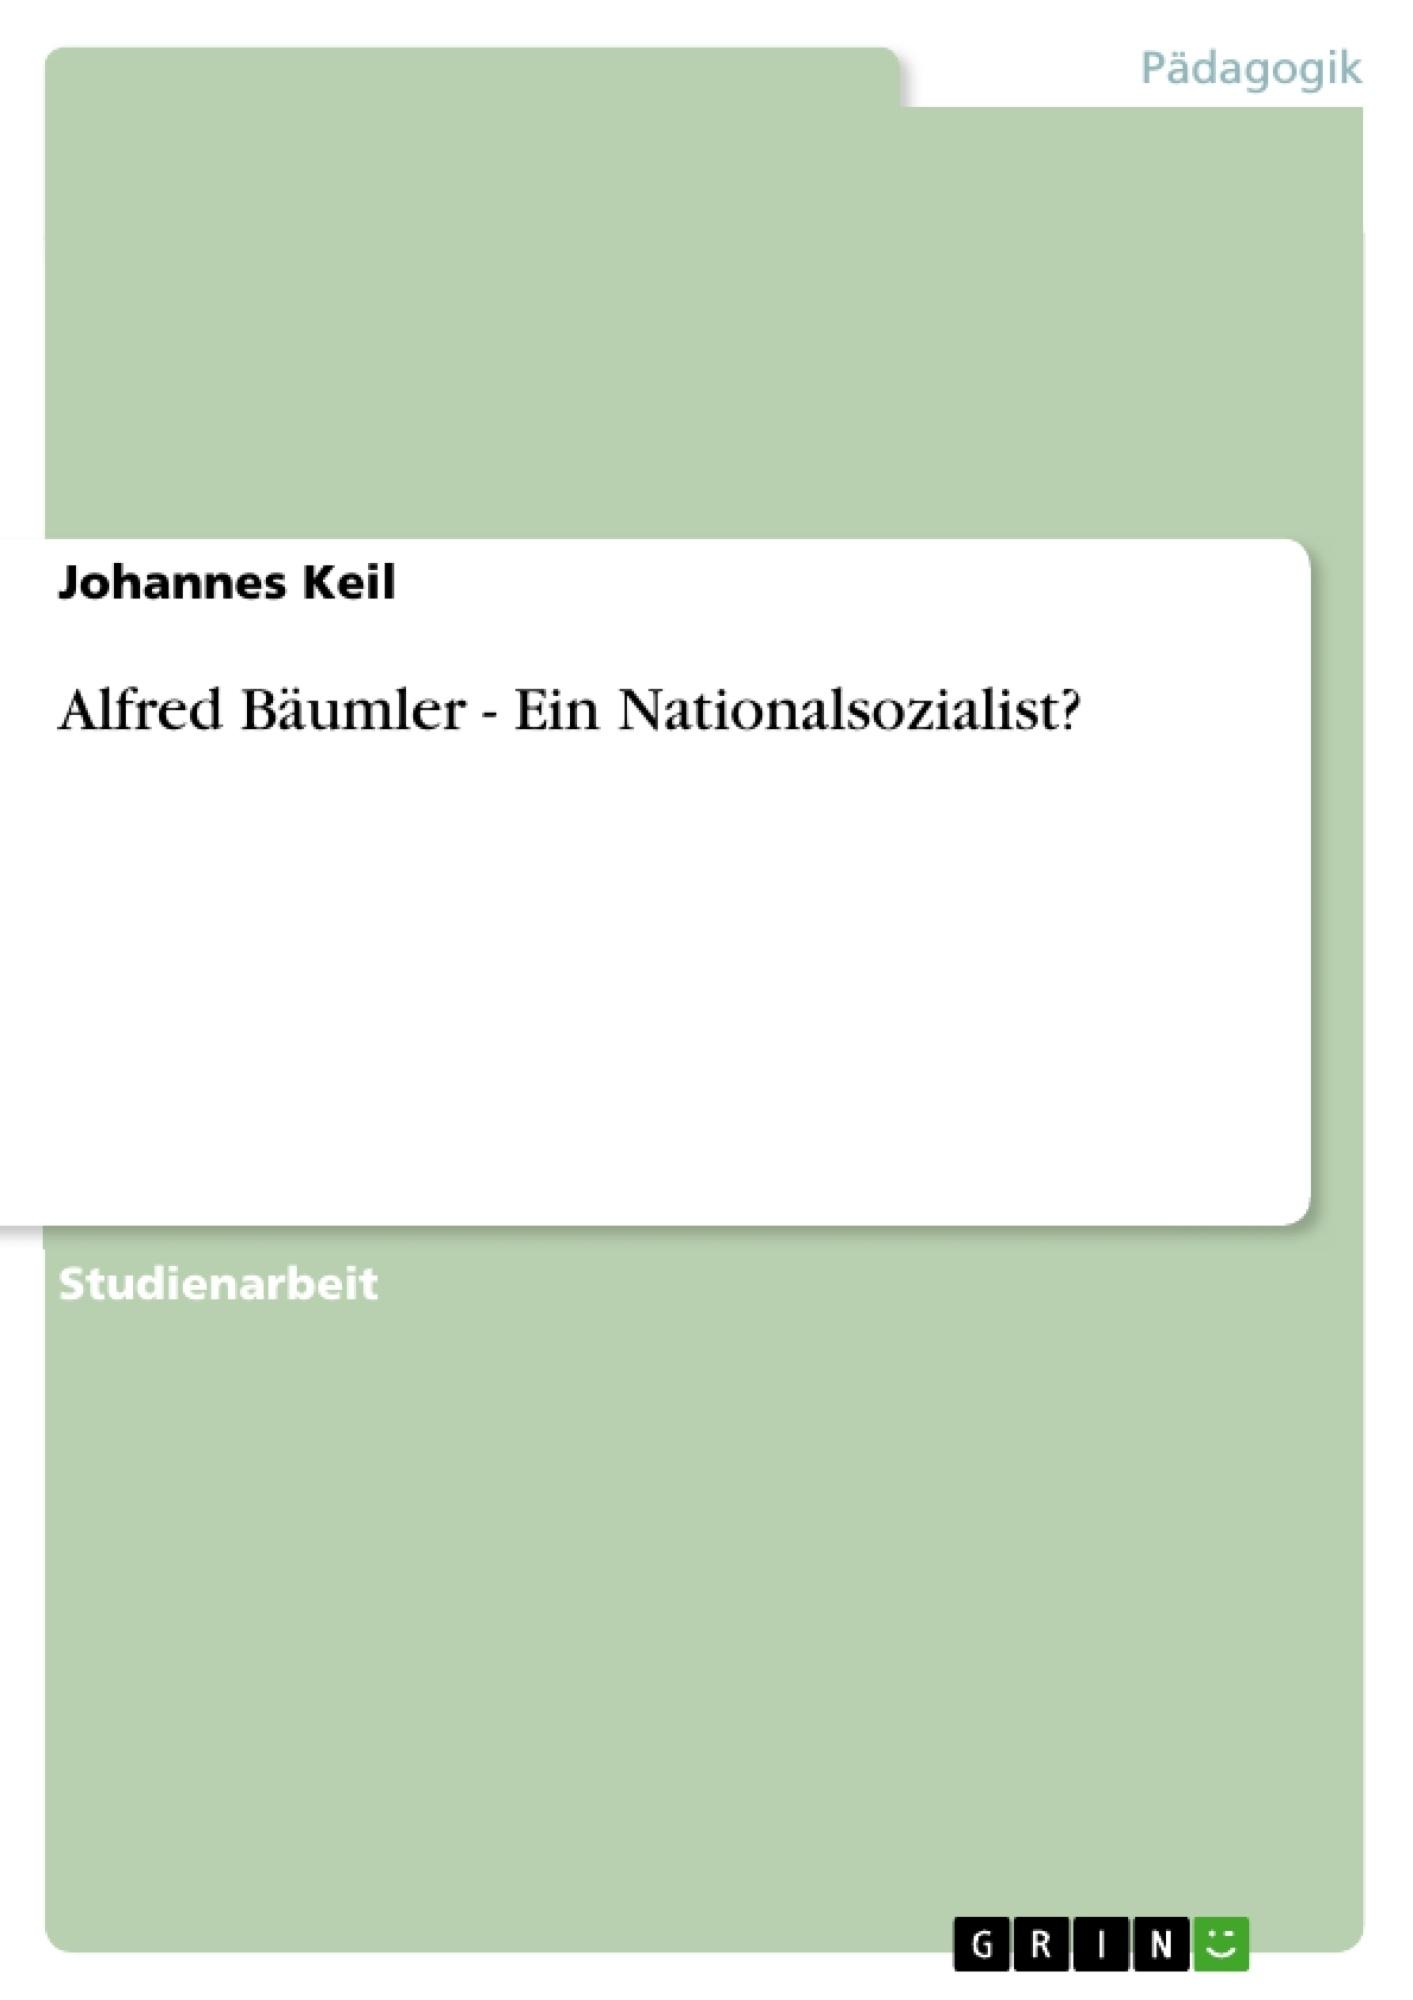 Titel: Alfred Bäumler - Ein Nationalsozialist?